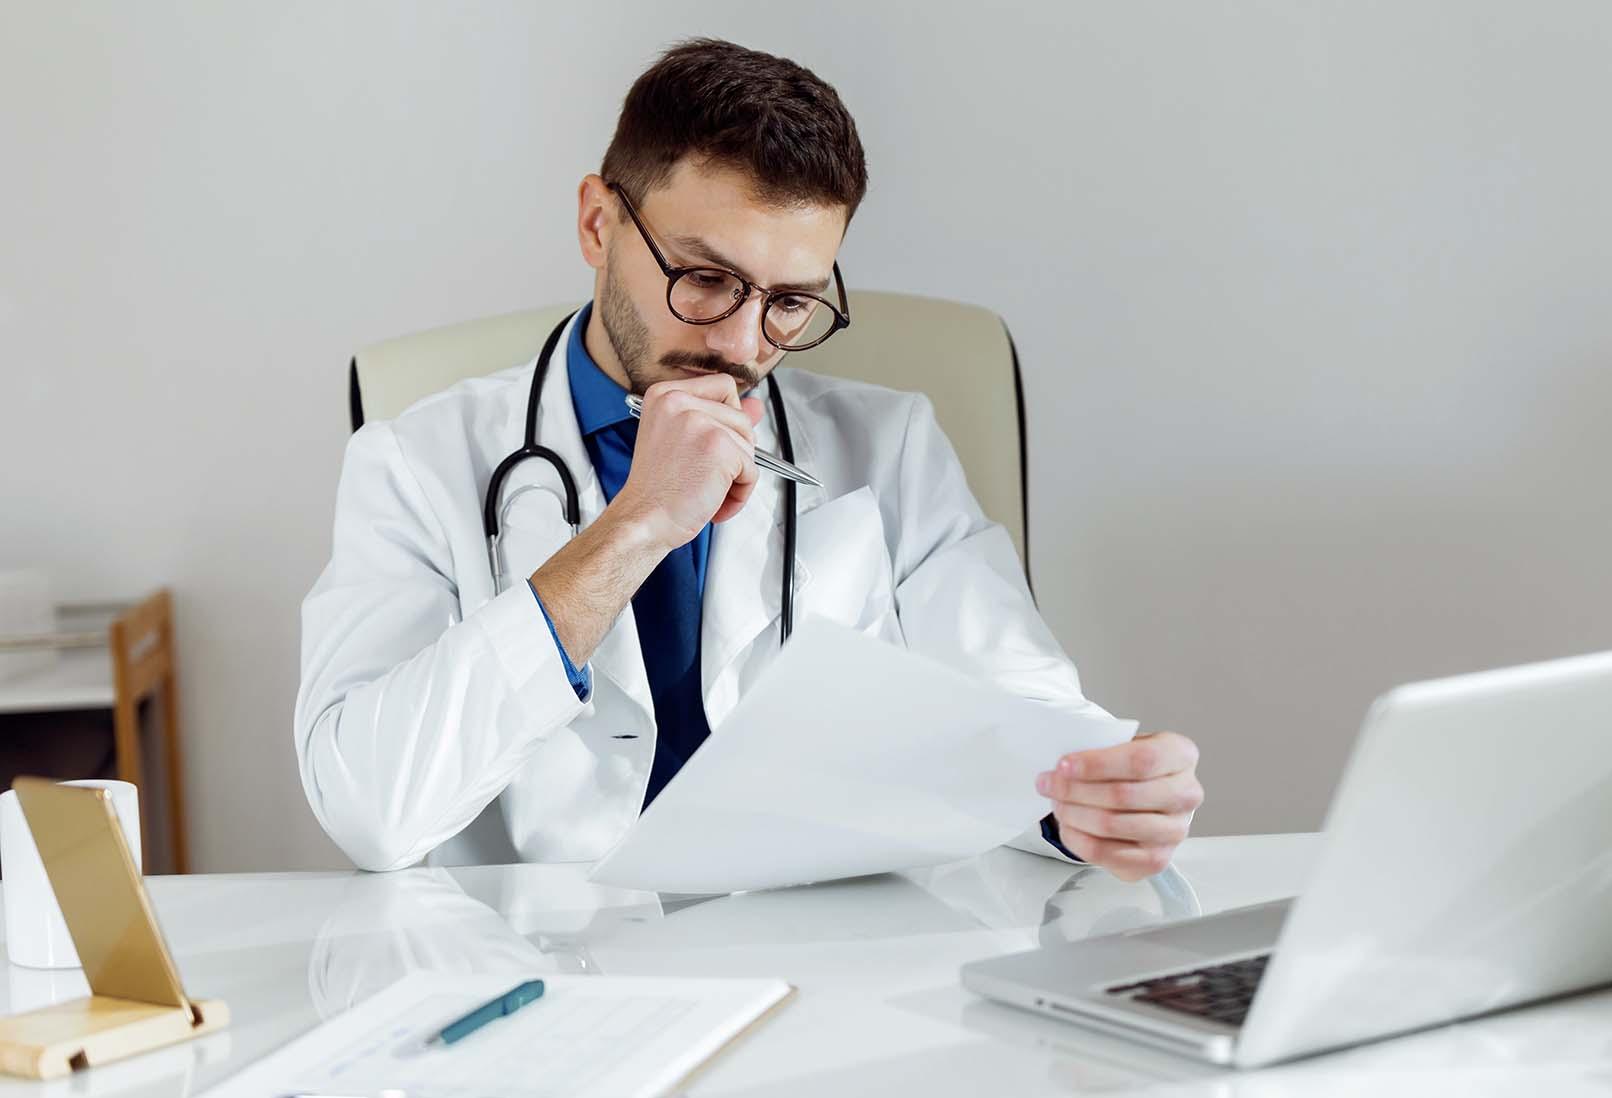 Os desafios do novo médico na era digital